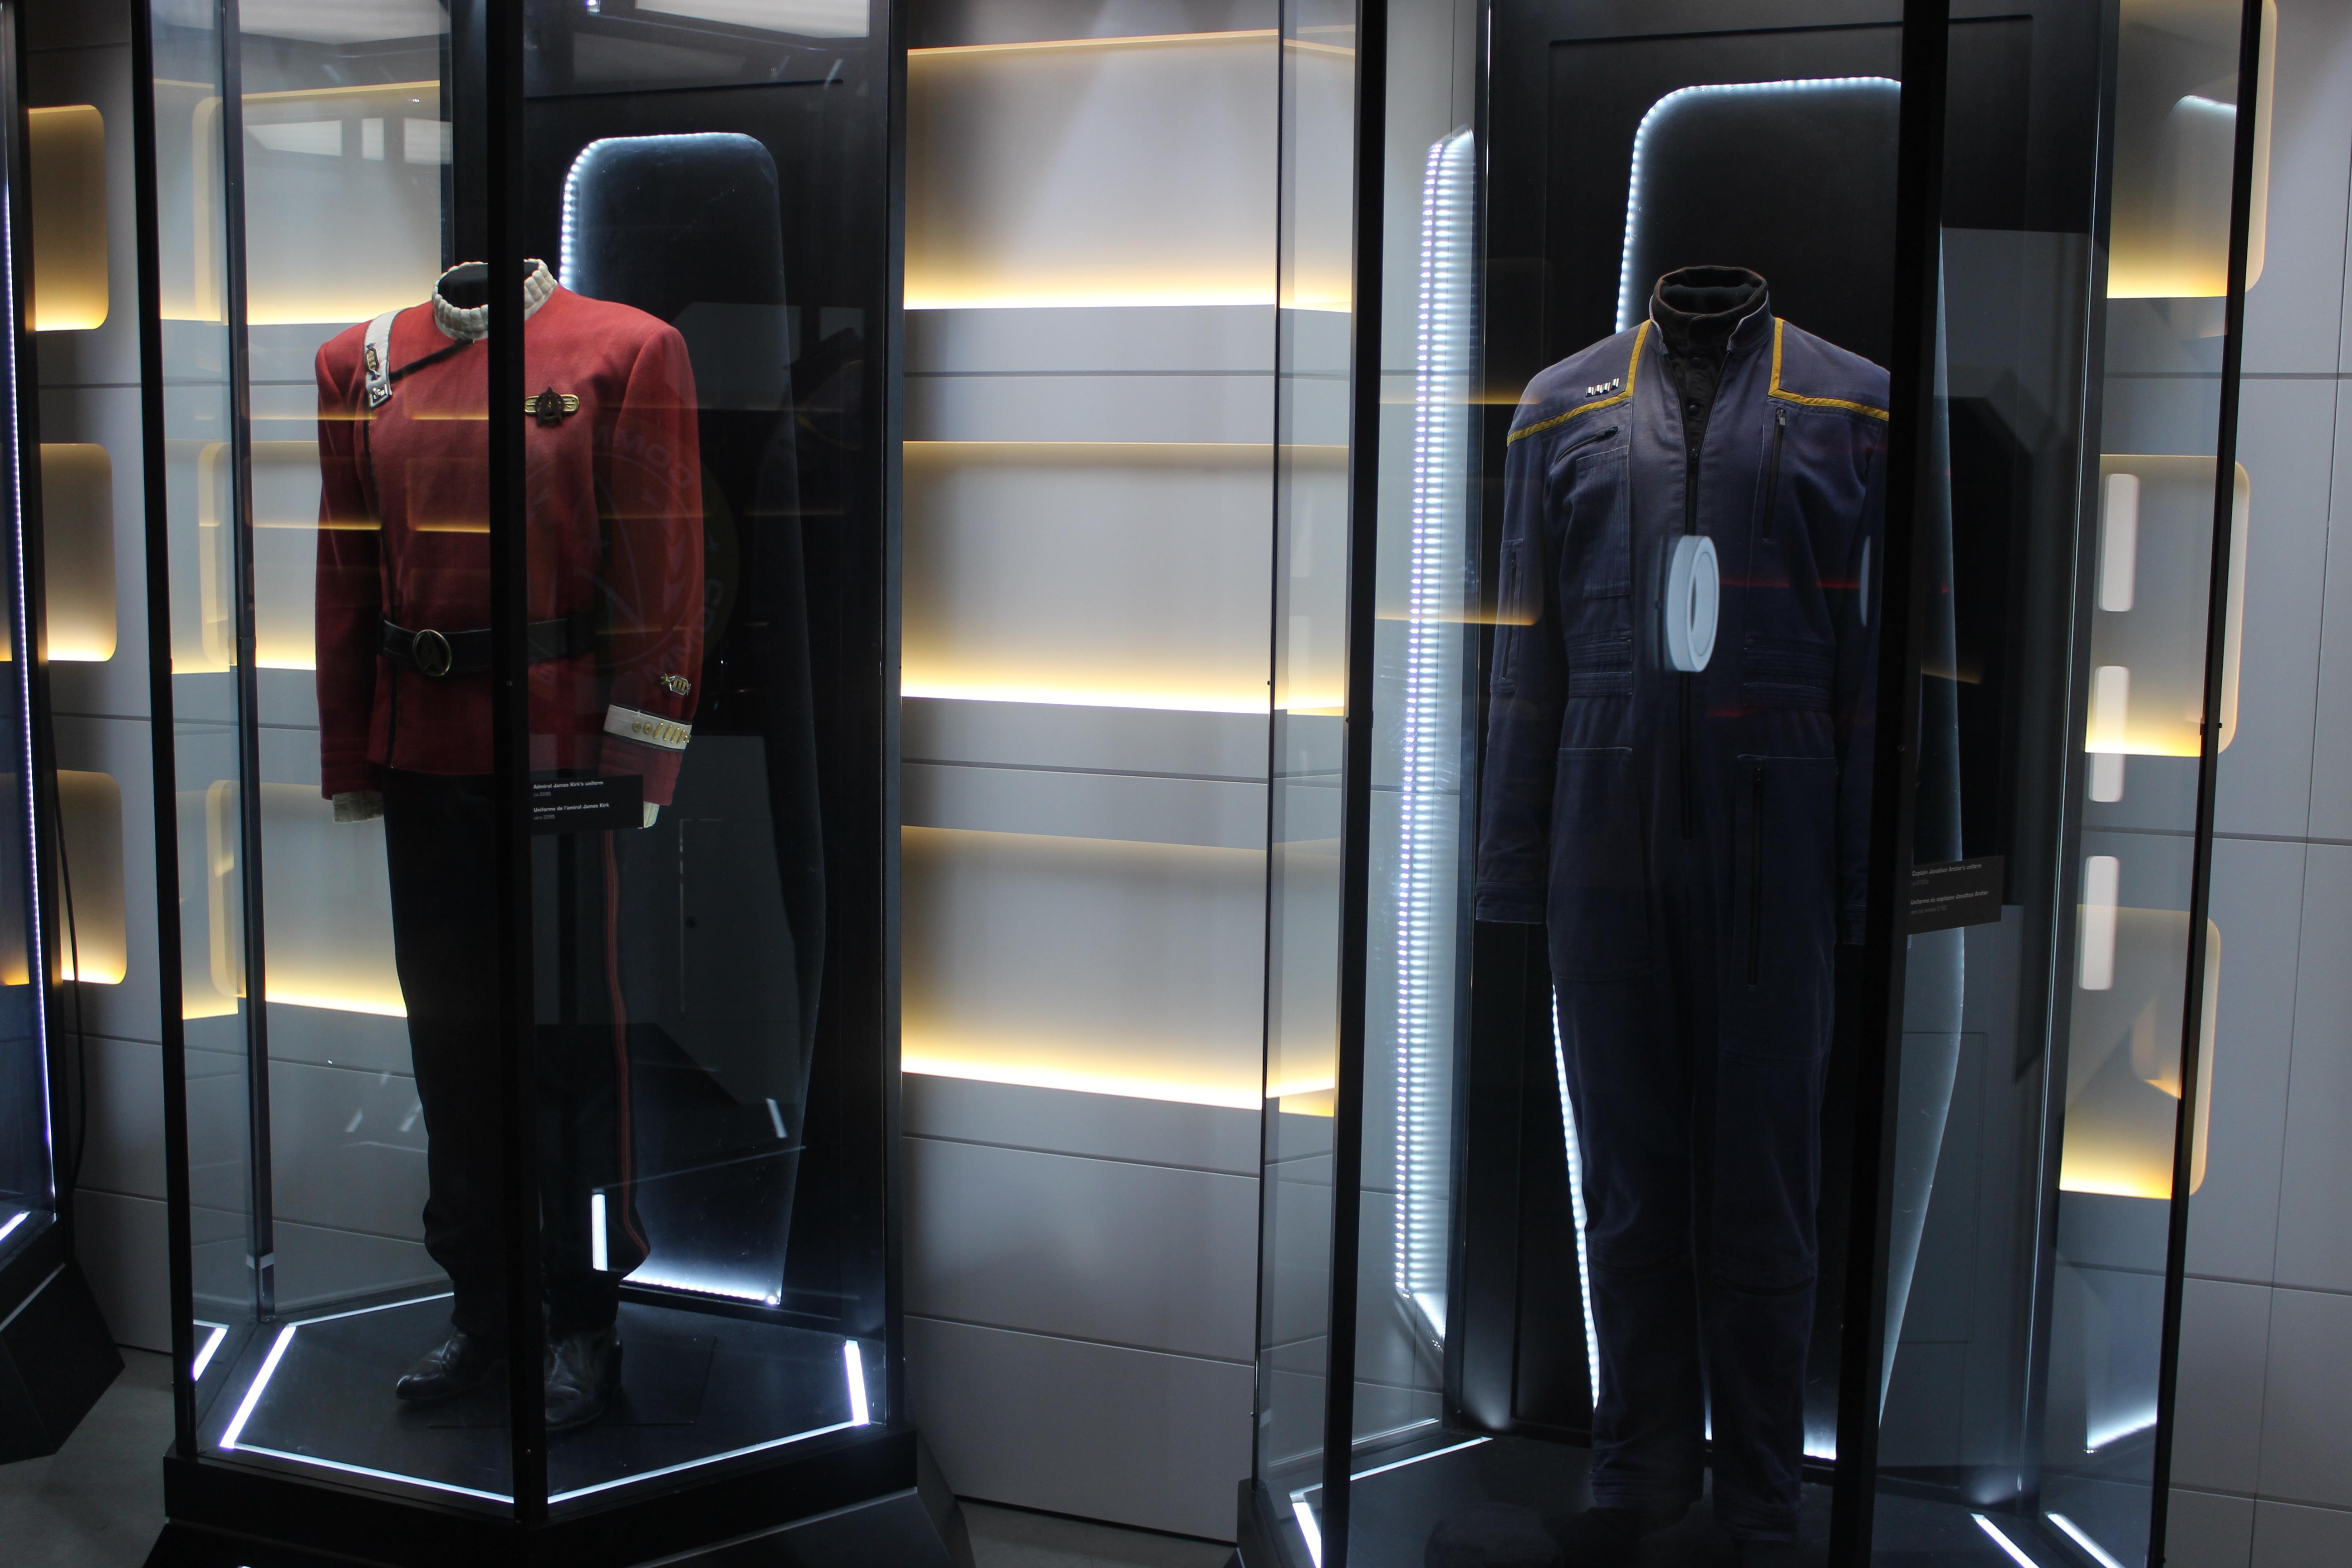 De nombreux uniformes portés par des acteurs de la série sont exposés